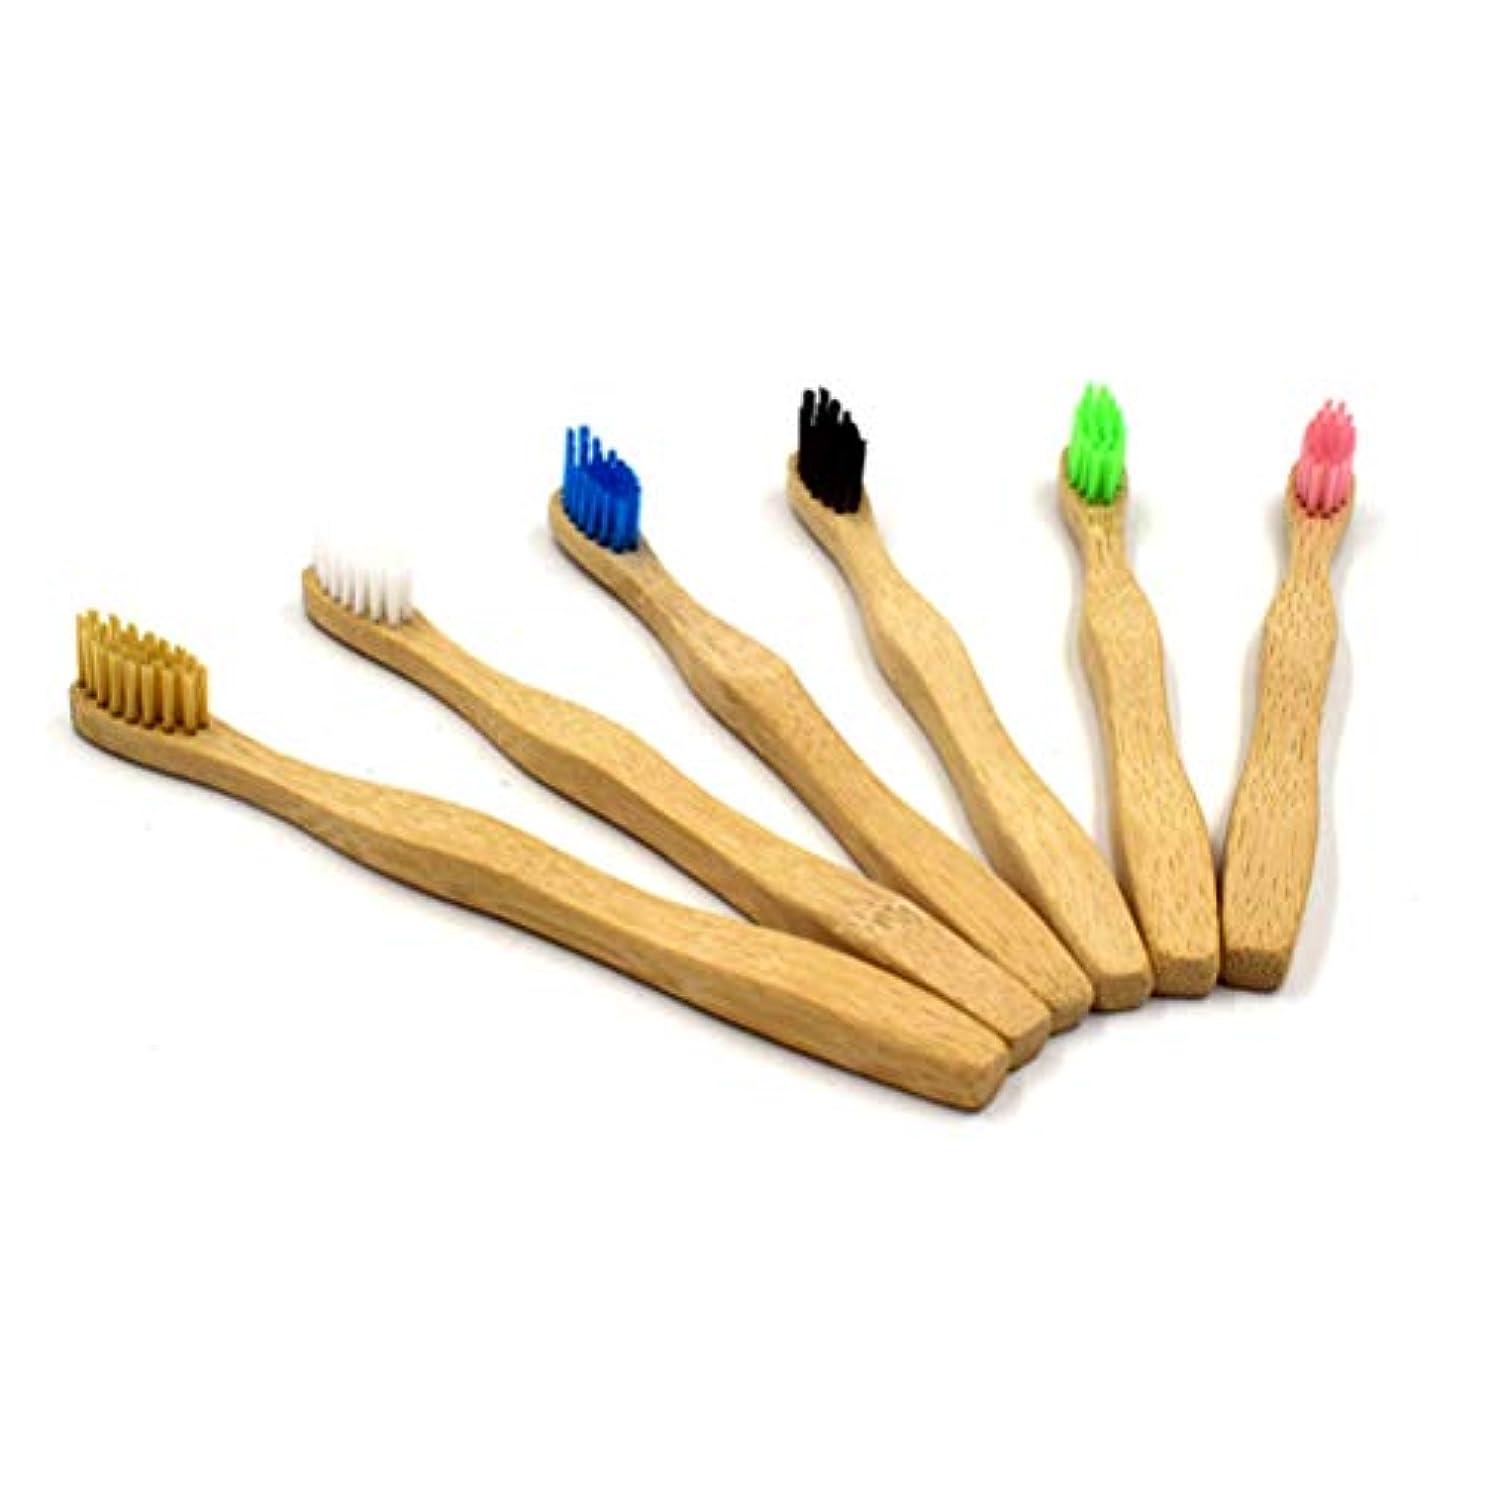 レーザ甥合法SUPVOX 家族のための振られたハンドルが付いている自然なタケ歯ブラシの木の環境に優しい歯ブラシ8個